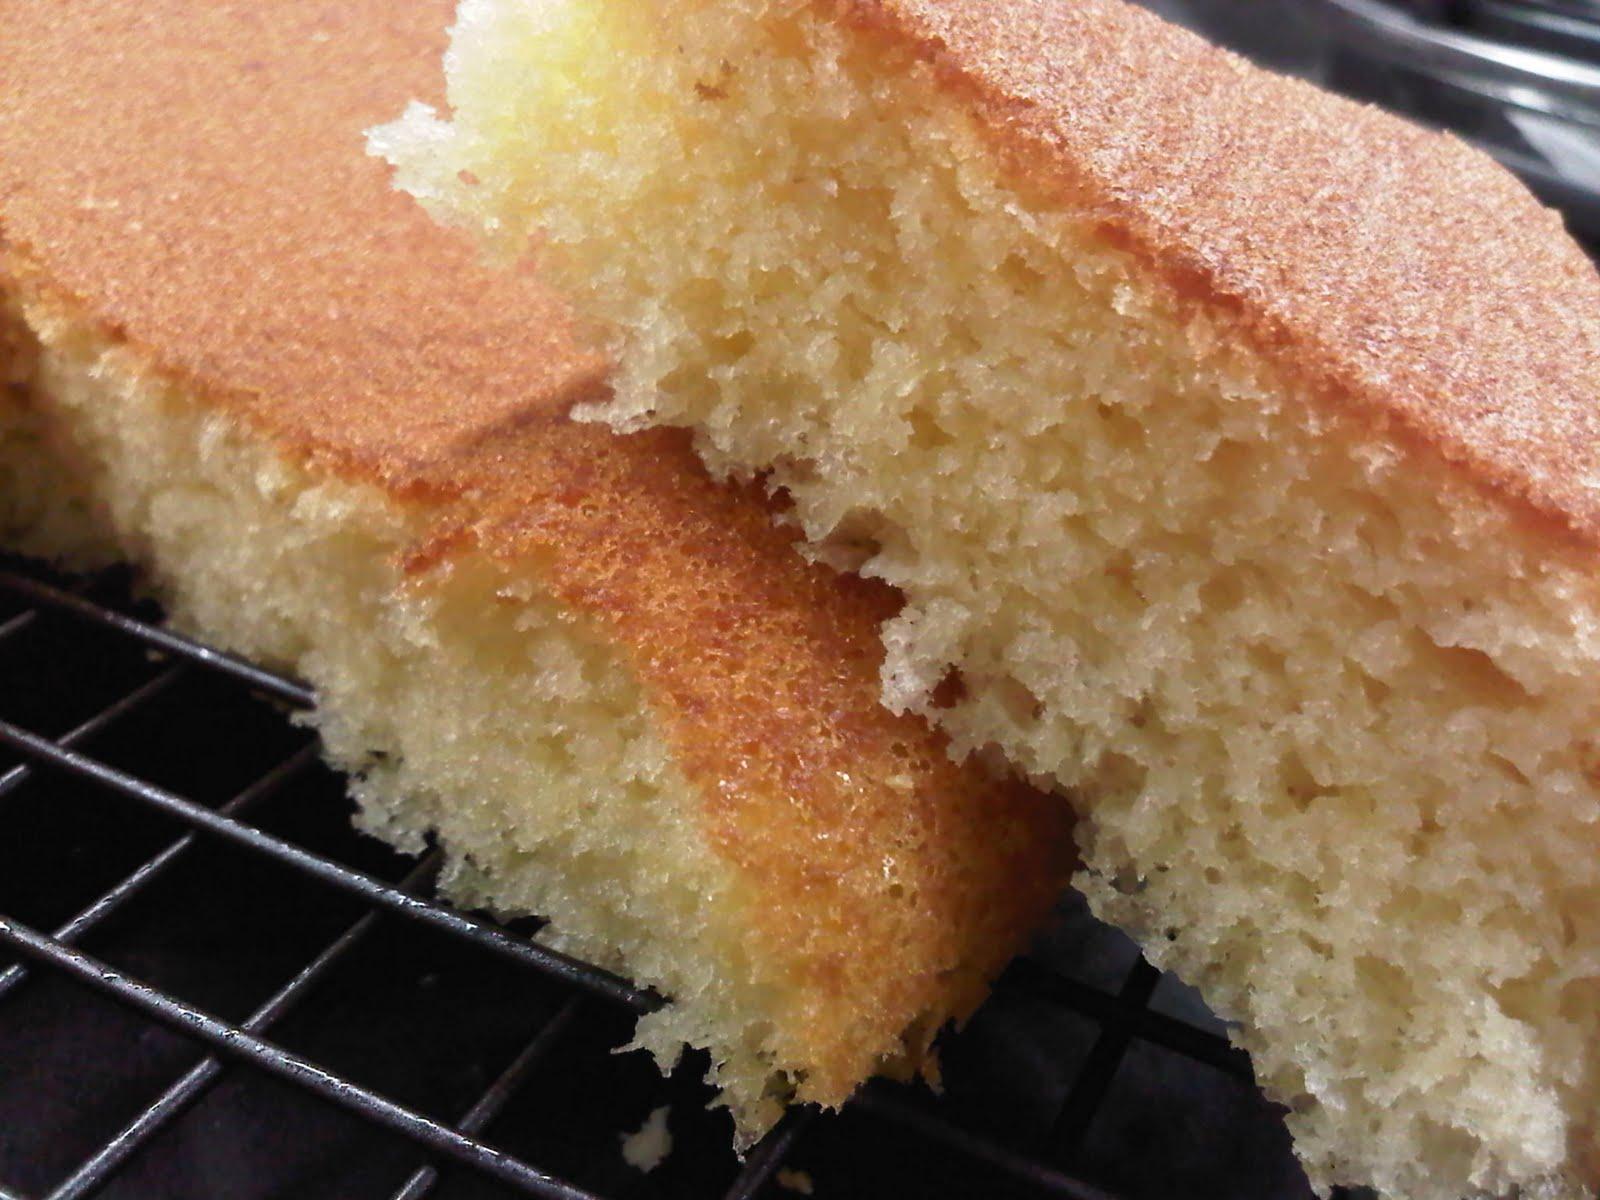 The Batter Baker Rice Cooker Sponge Cake